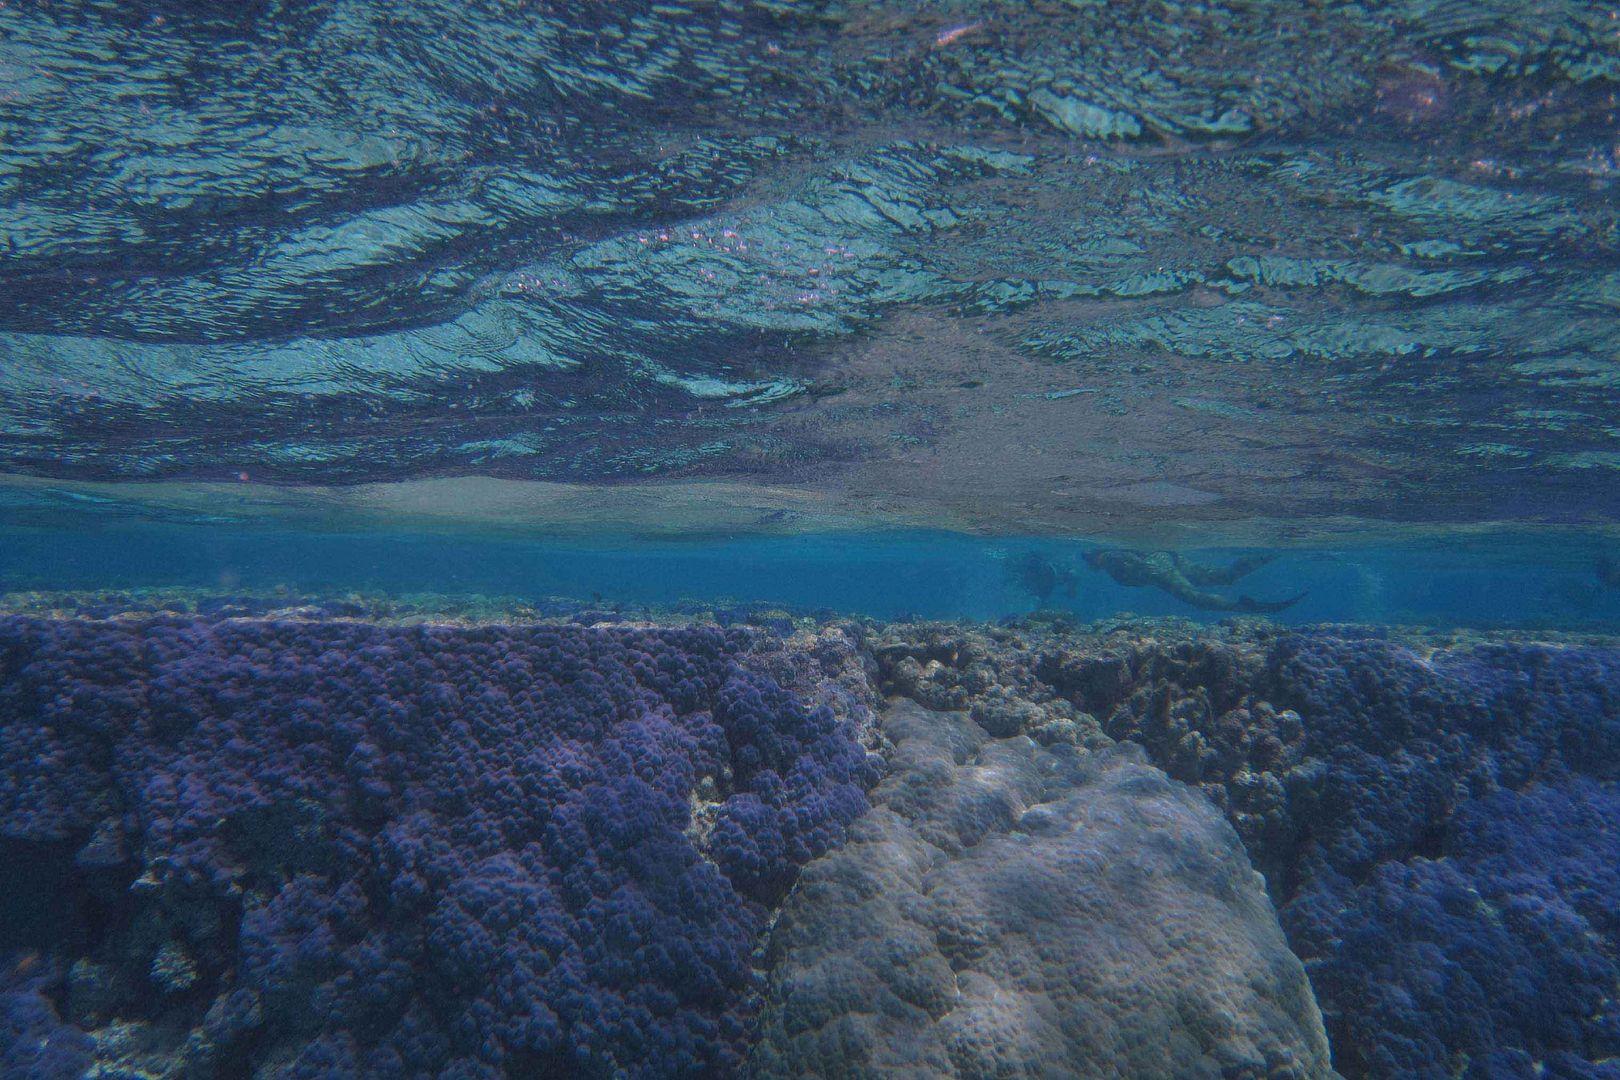 ¸.•*¨`* •. Im Bann der Unterwasserwelt .•*¨`* •.¸